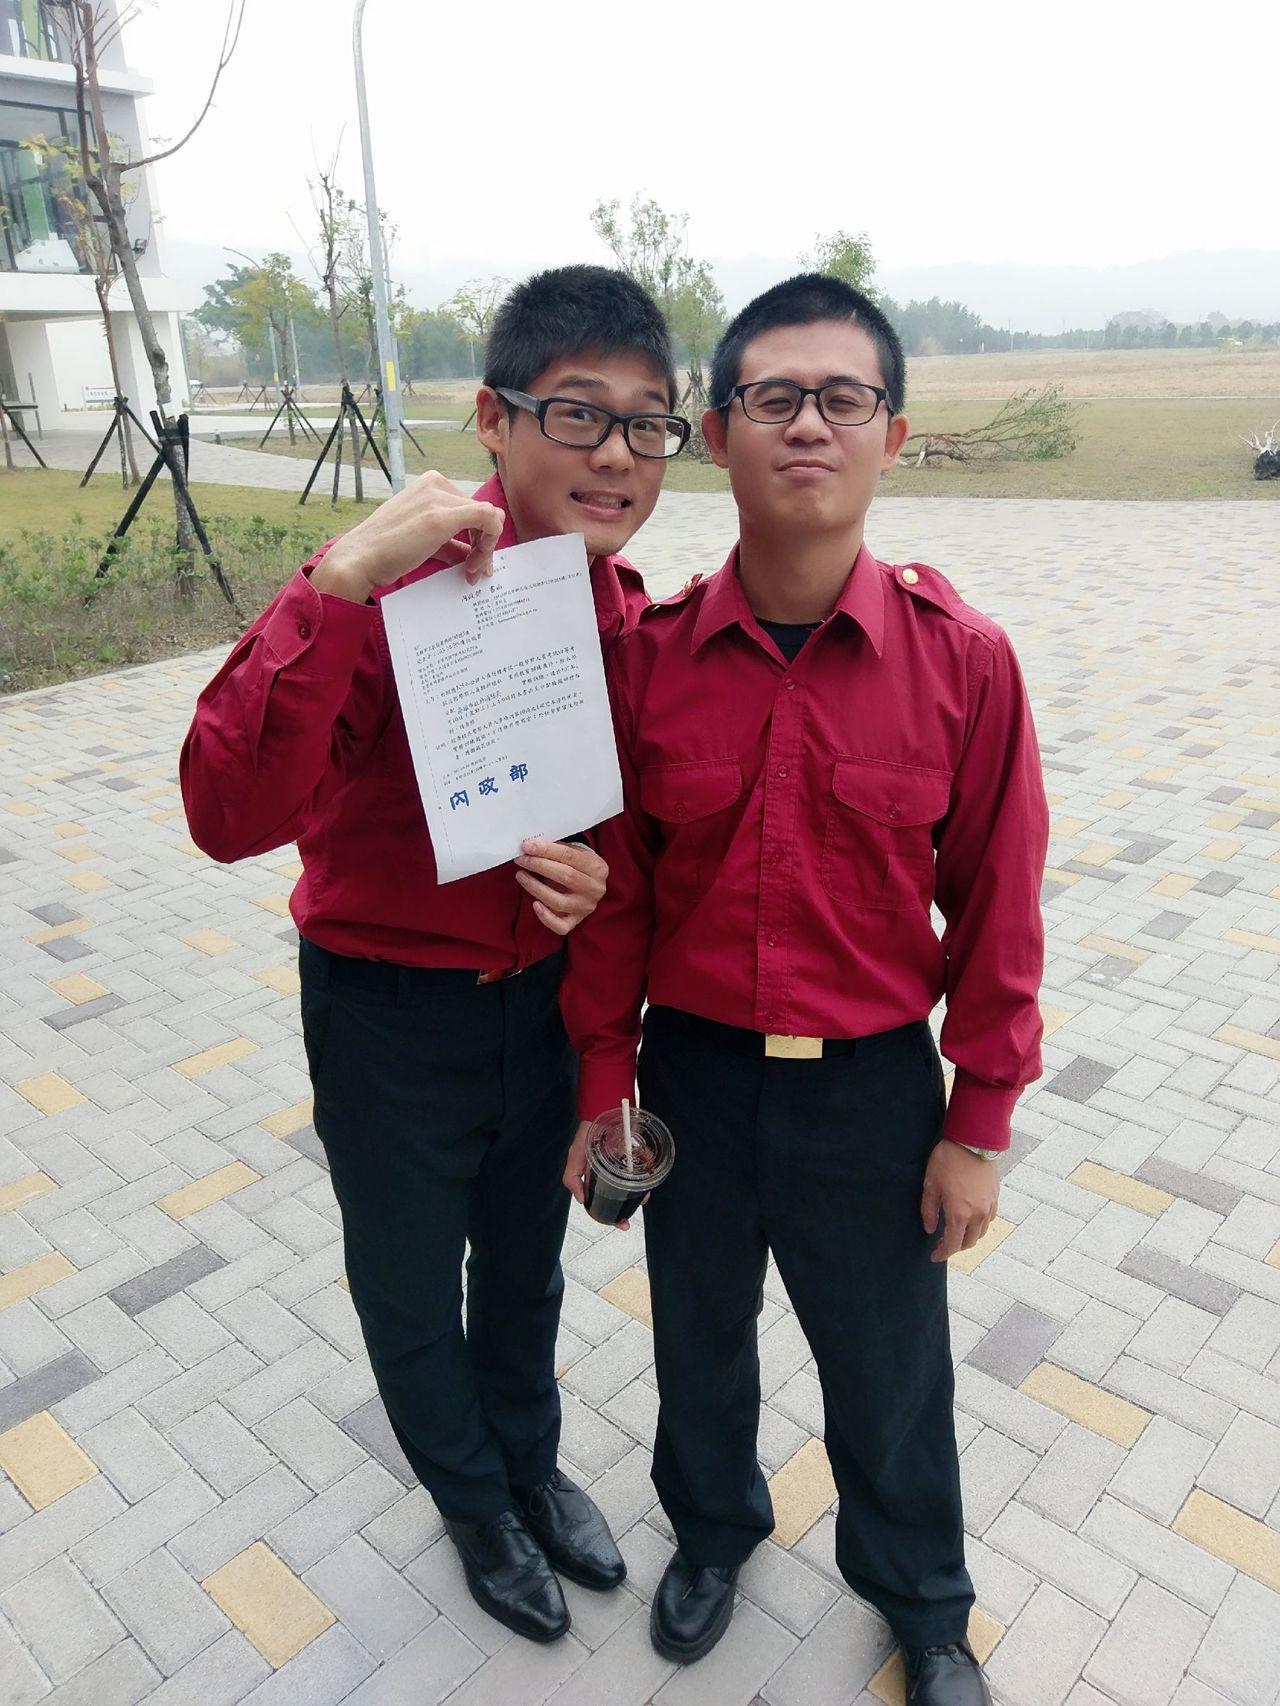 高市消防局新莊分隊隊員陳柏瑞(左)、在台中市消防局任職哥哥陳銘澤(右)、消防特考...